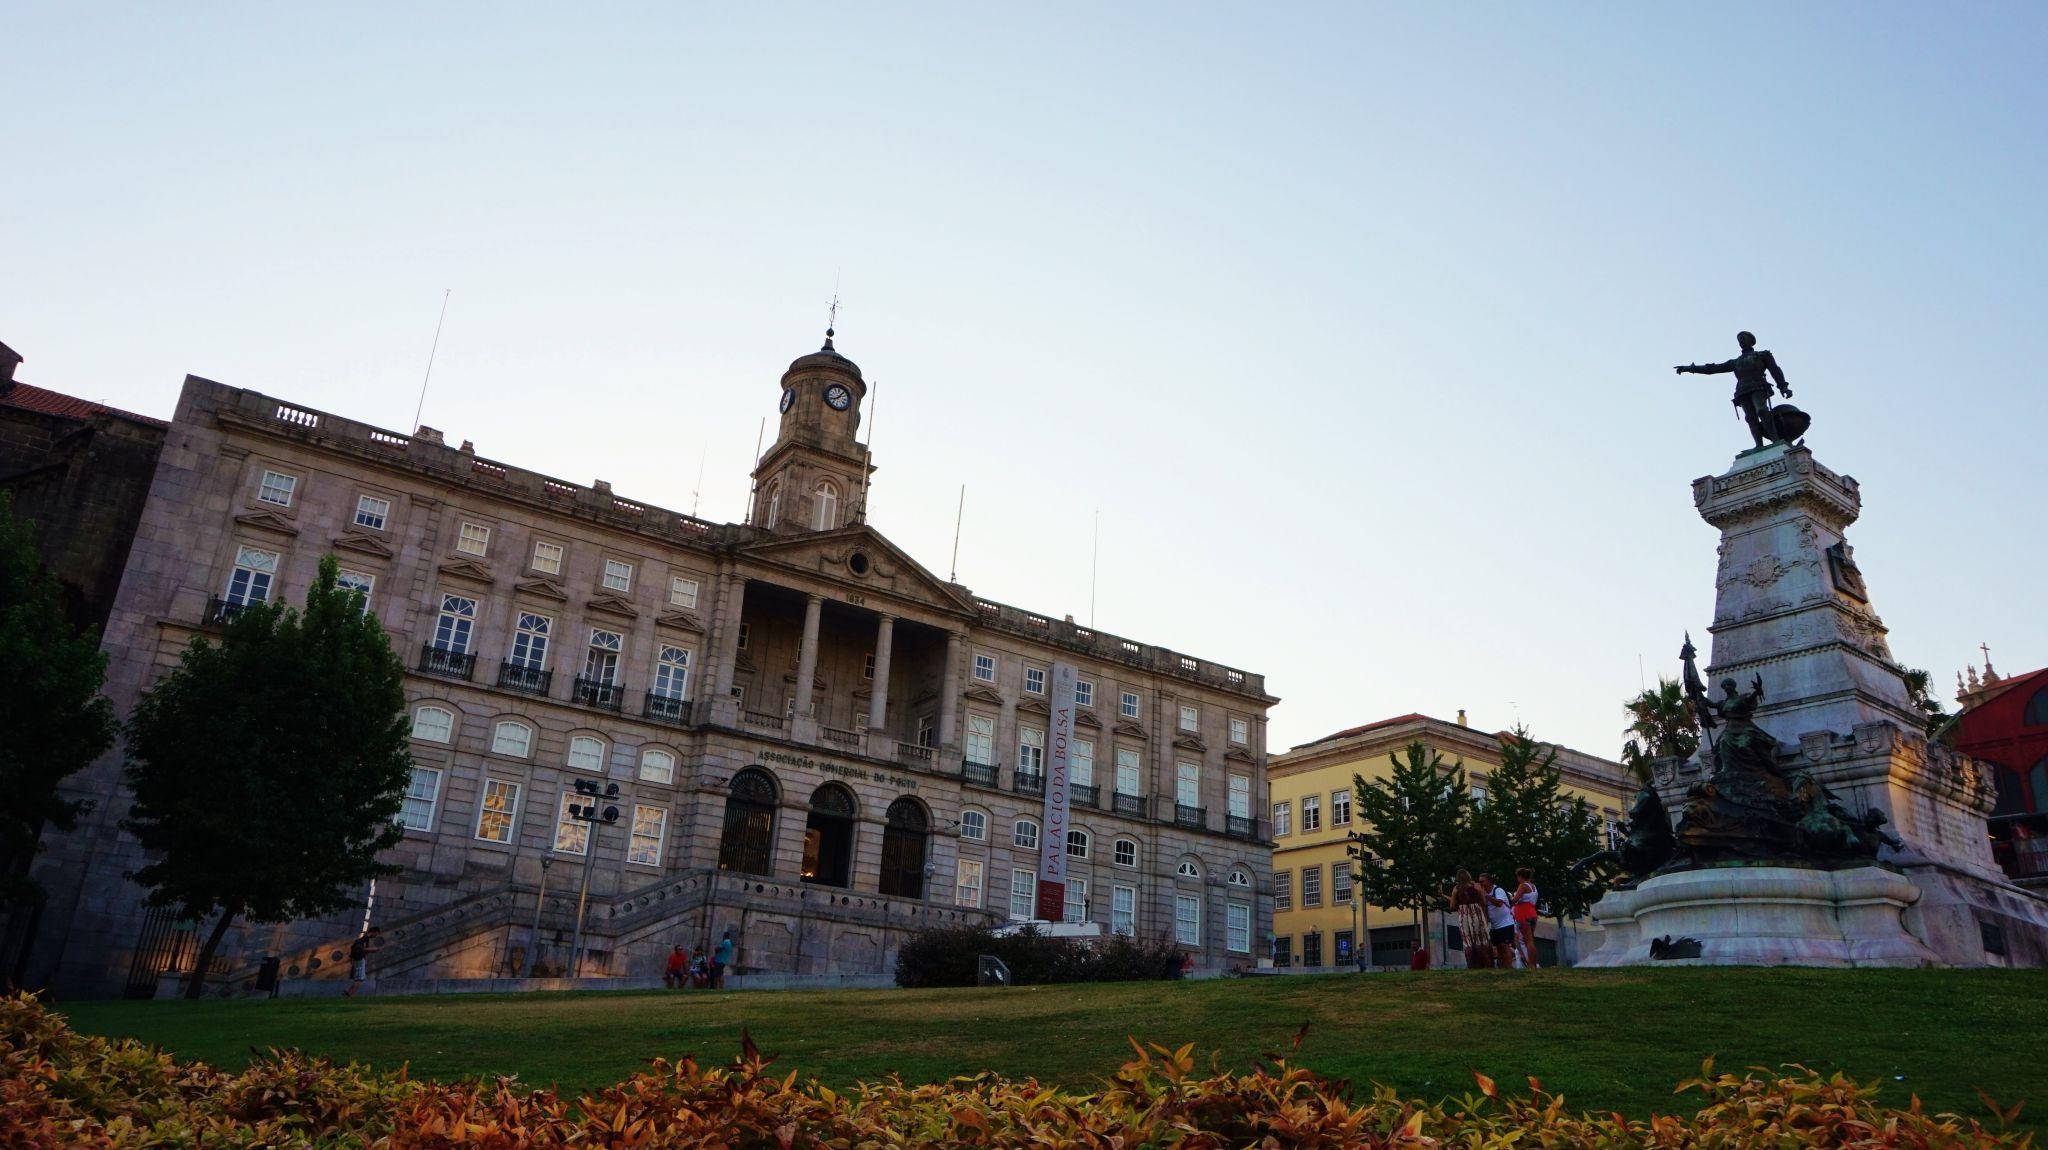 Palácio da Bolsa, Portugal